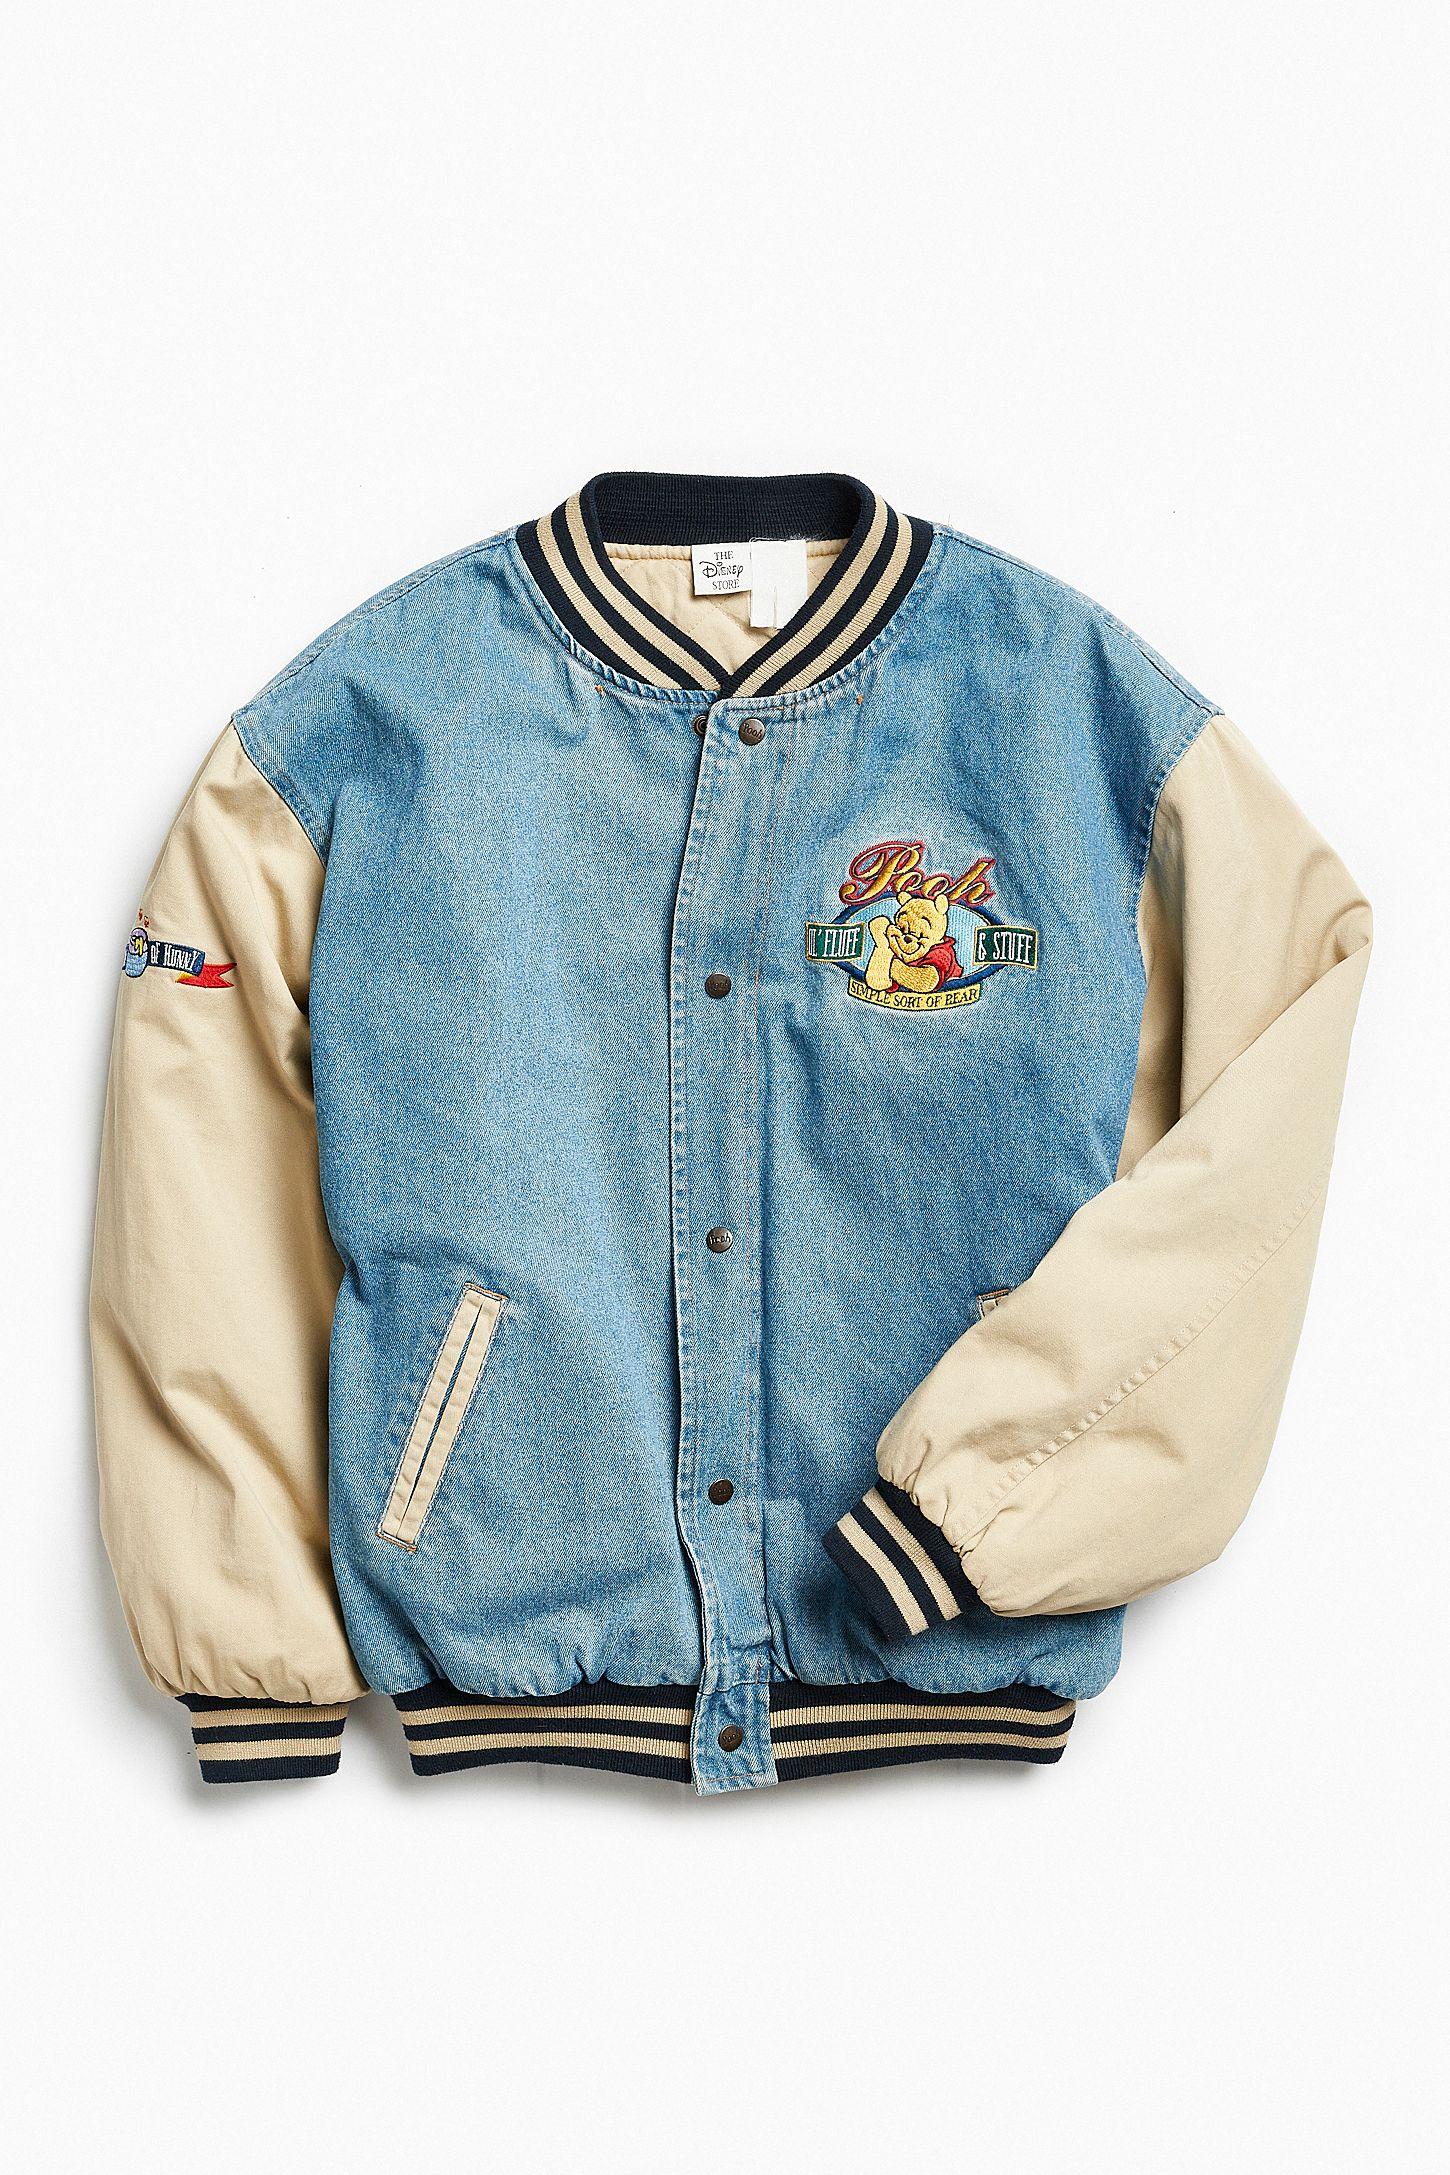 eca3d40a38d4 Vintage Winnie The Pooh Denim Varsity Jacket